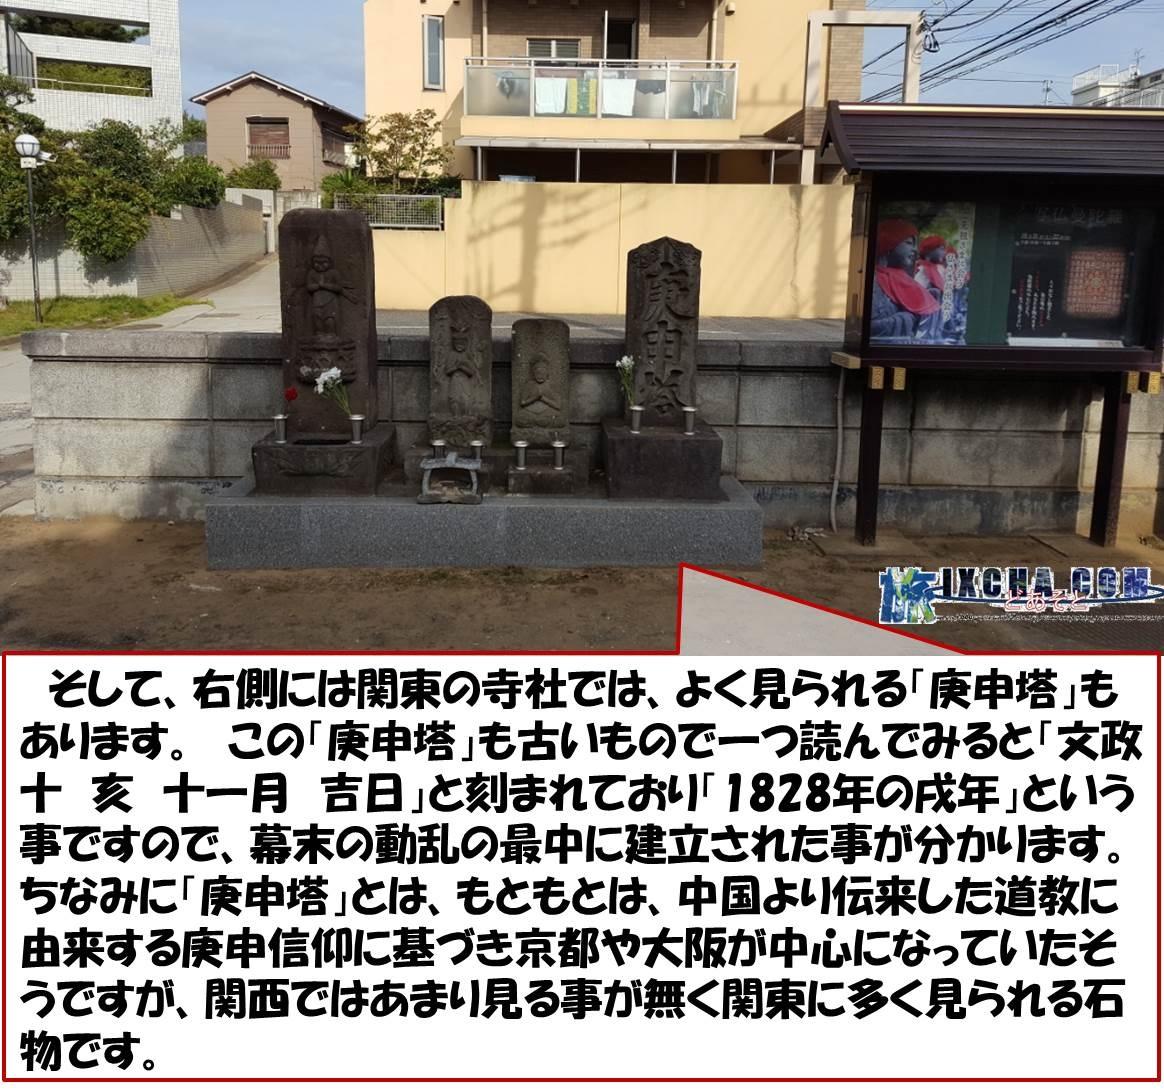 そして、右側には関東の寺社では、よく見られる「庚申塔」もあります。 この「庚申塔」も古いもので一つ読んでみると「文政十 亥 十一月 吉日」と刻まれており「1828年の戌年」という事ですので、幕末の動乱の最中に建立された事が分かります。 ちなみに「庚申塔」とは、もともとは、中国より伝来した道教に由来する庚申信仰に基づき京都や大阪が中心になっていたそうですが、関西ではあまり見る事が無く関東に多く見られる石物です。